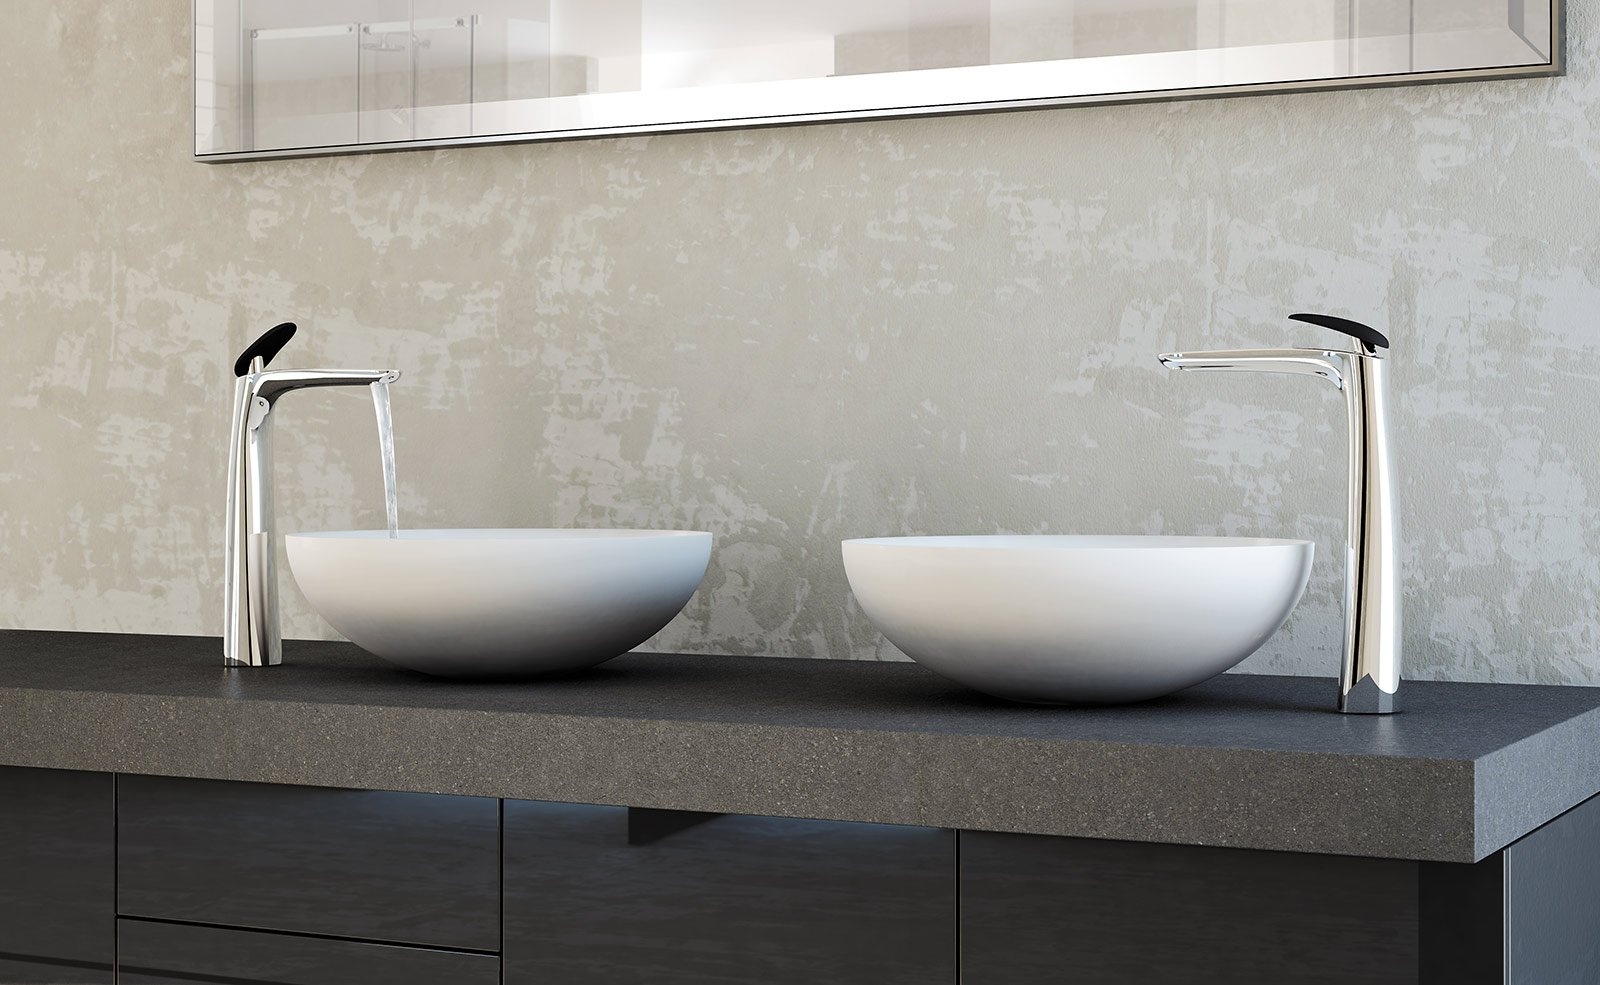 Rubinetteria per il lavabo cose di casa - Rubinetti bagno ideal standard ...